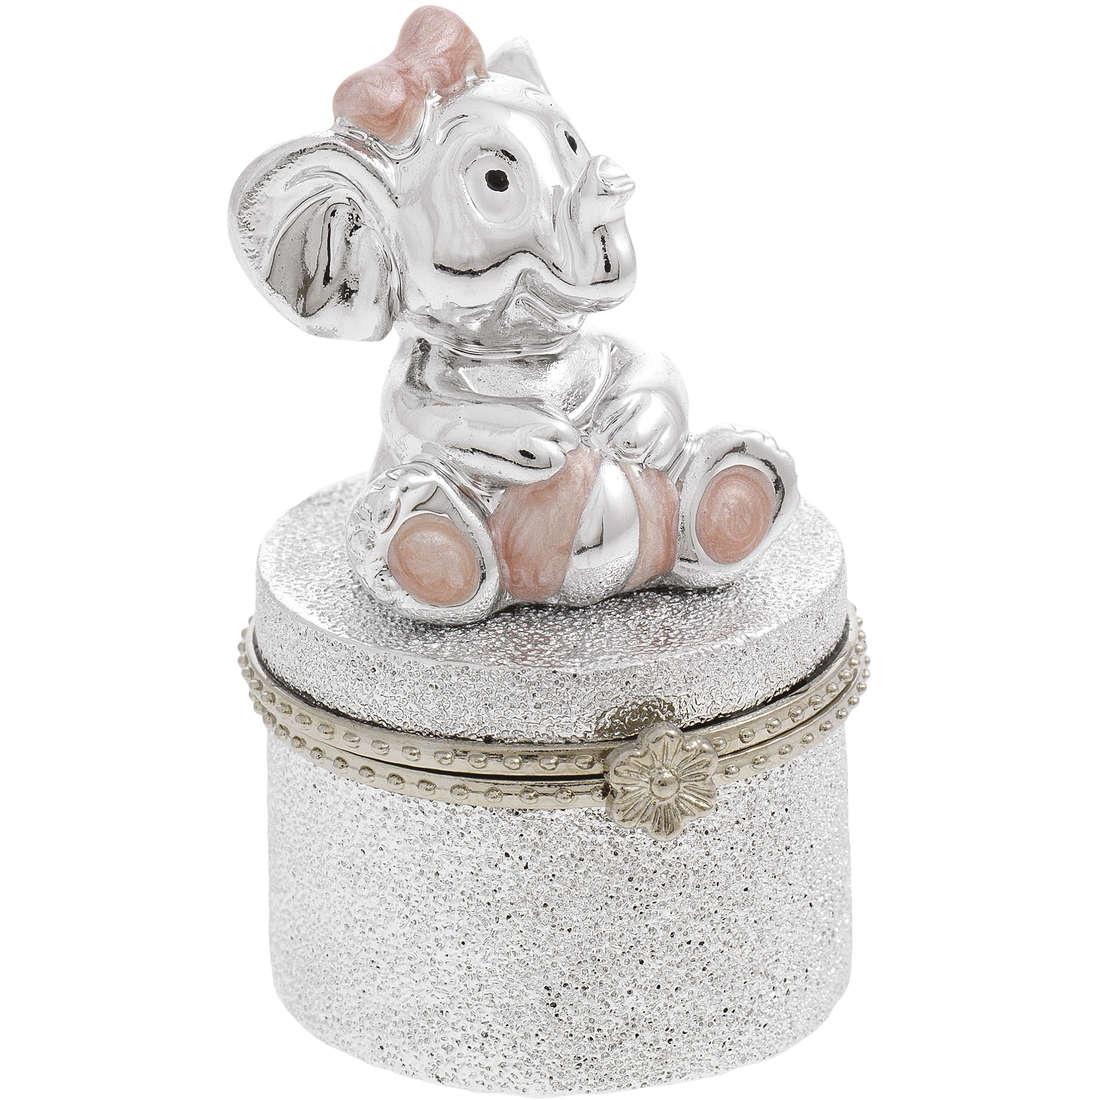 accessori neonato Bagutta Baguttino B 4173-02 R